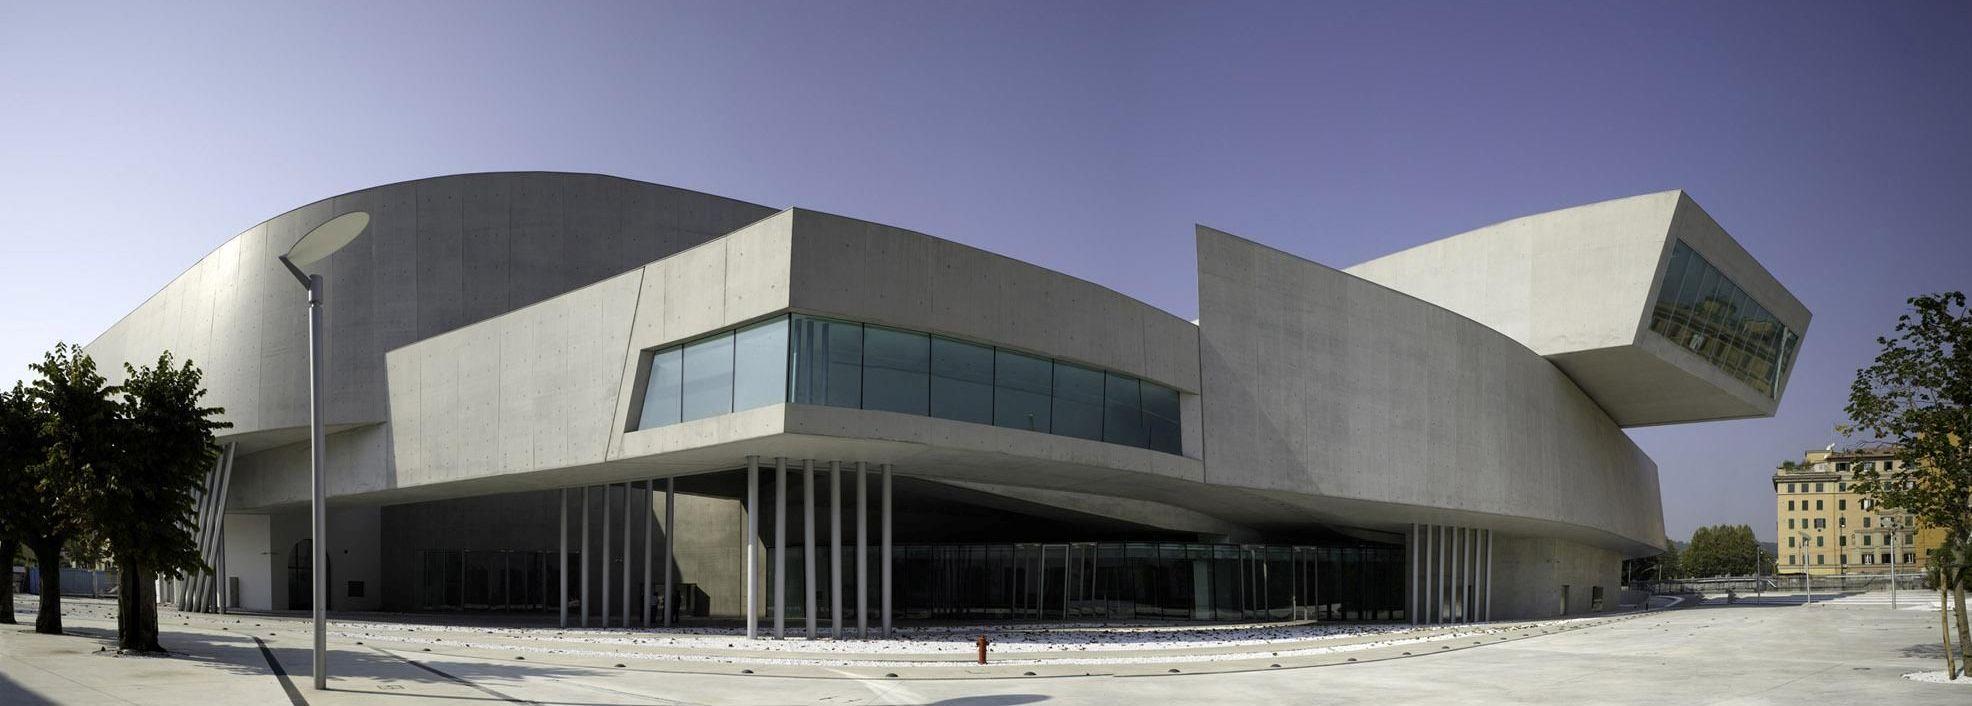 Zaha hadid architetto deviante frontiere - Hadid architetto ...